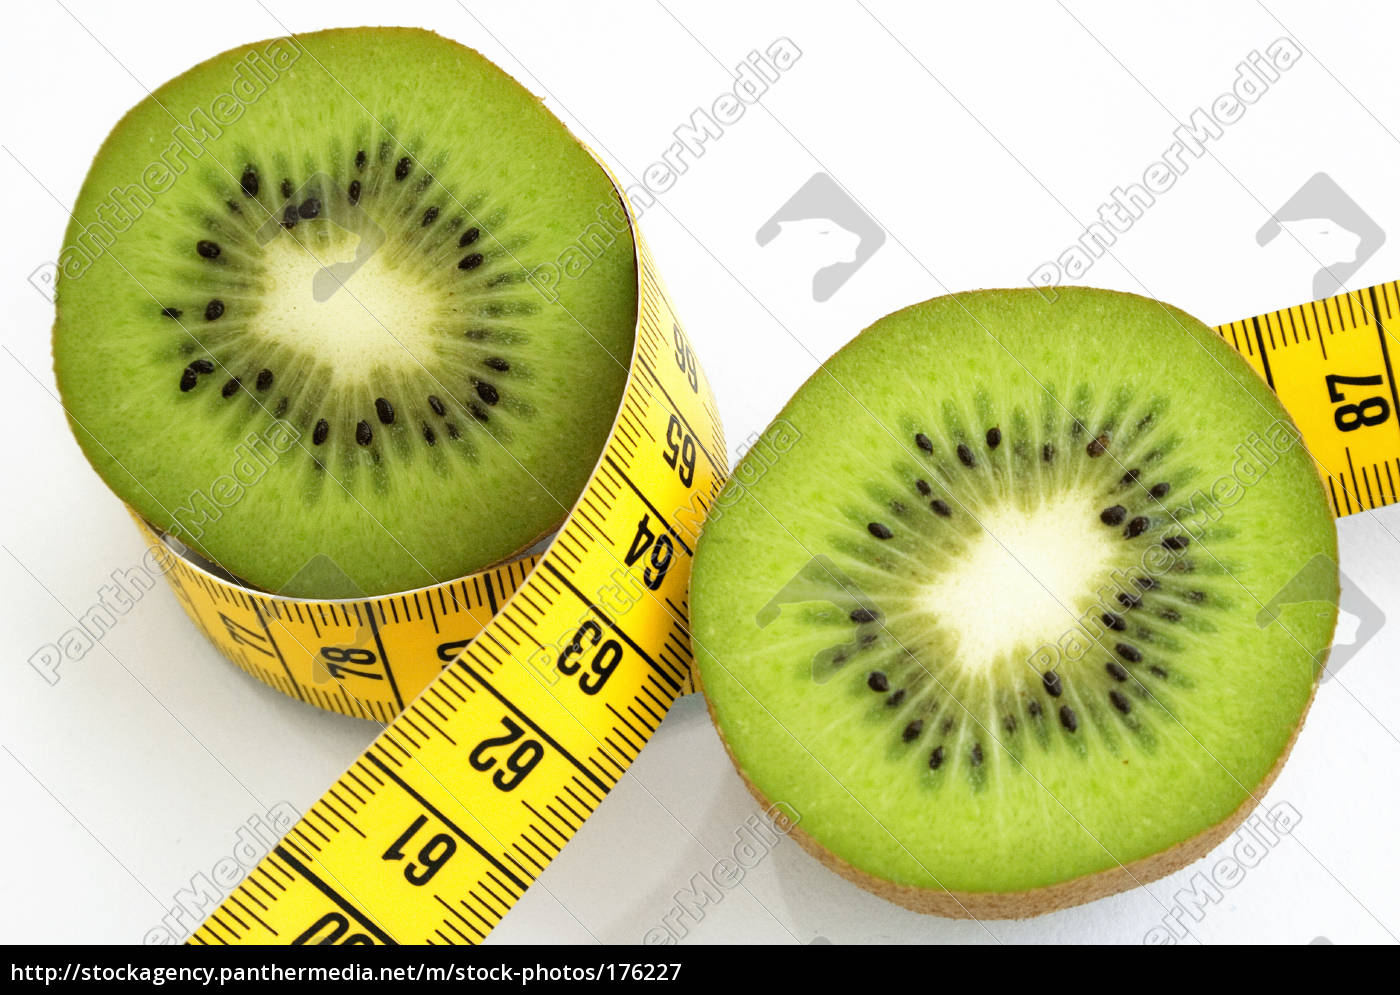 kiwi, diet - 176227